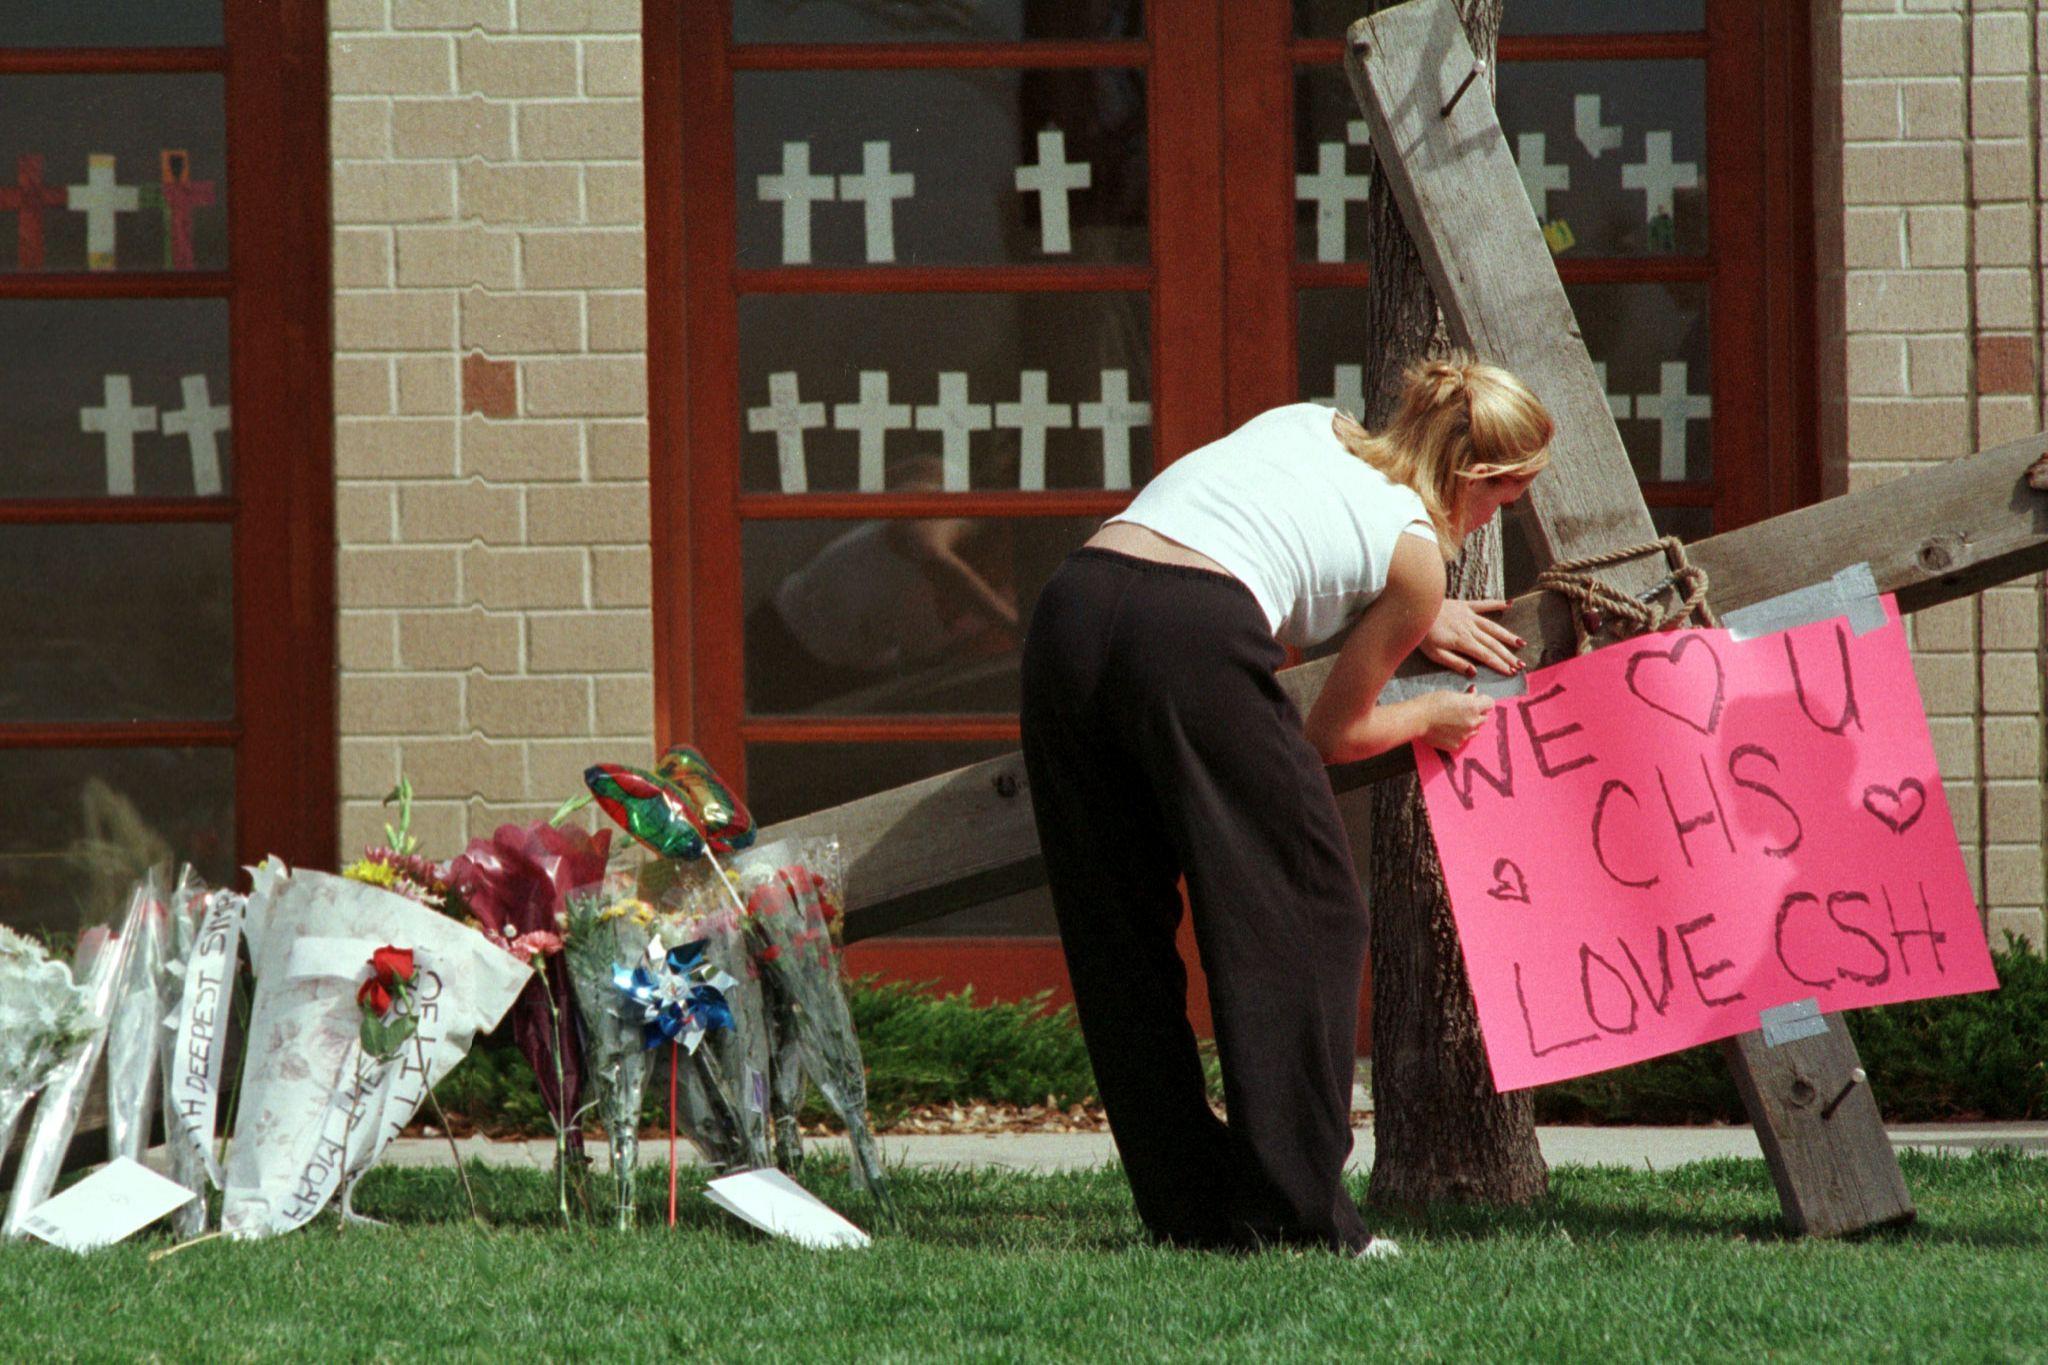 Autoridades procuram jovem armada e obcecada por massacre de Columbine